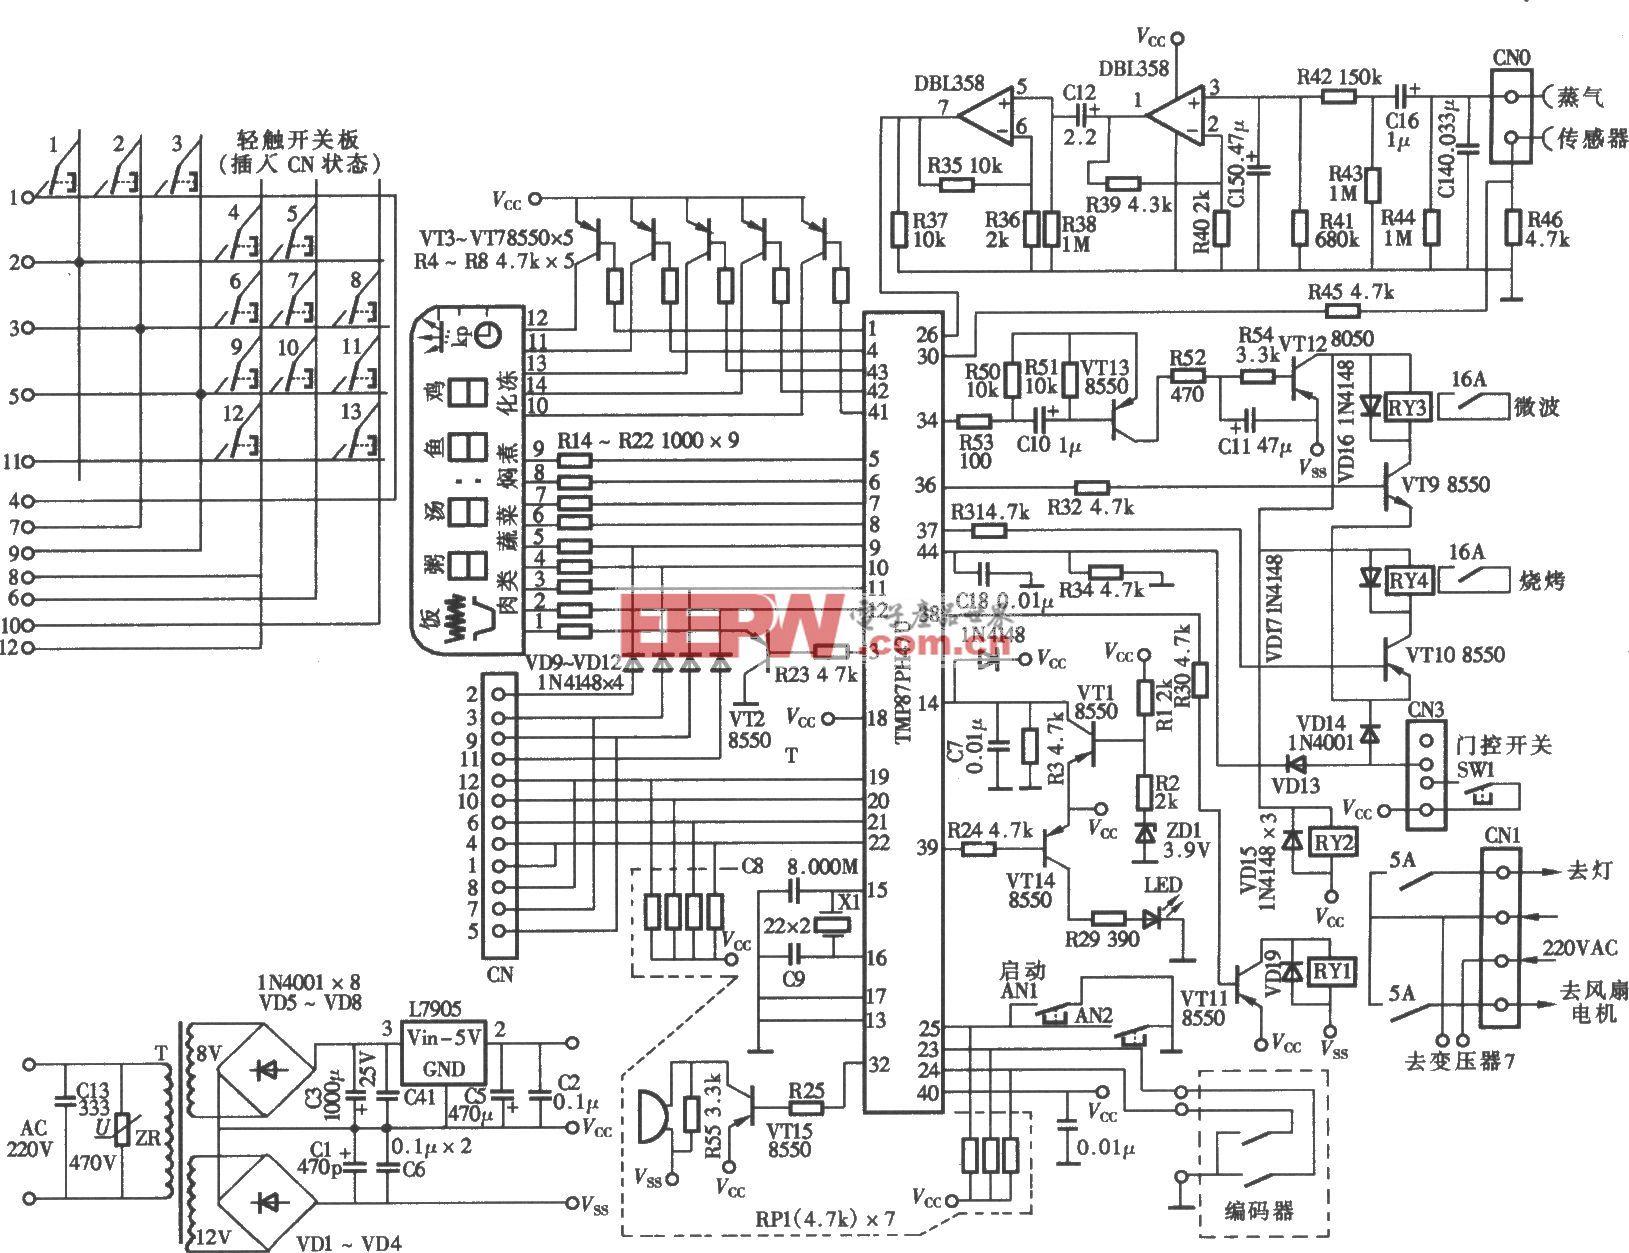 安宝路WD850ES电脑式微波炉电脑控制板电路